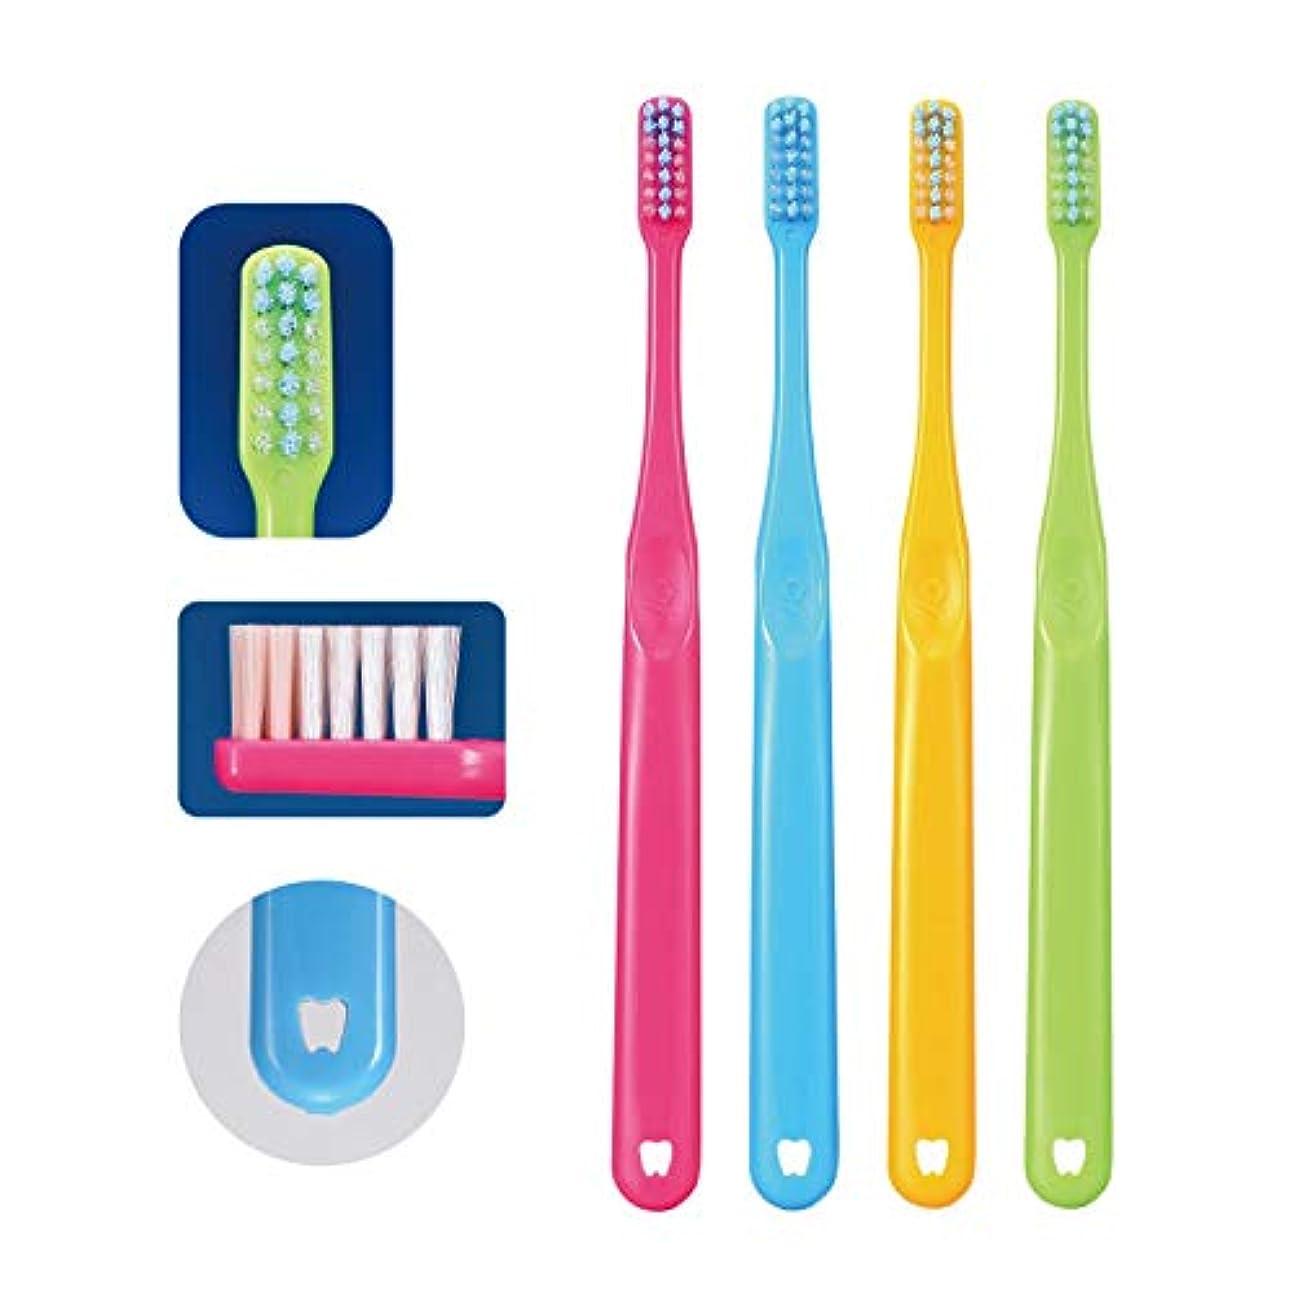 チャンス最愛の僕のCi PRO PLUS プロプラス 歯ブラシ 20本 M(ふつう) 日本製 プラーク除去 歯科専売品